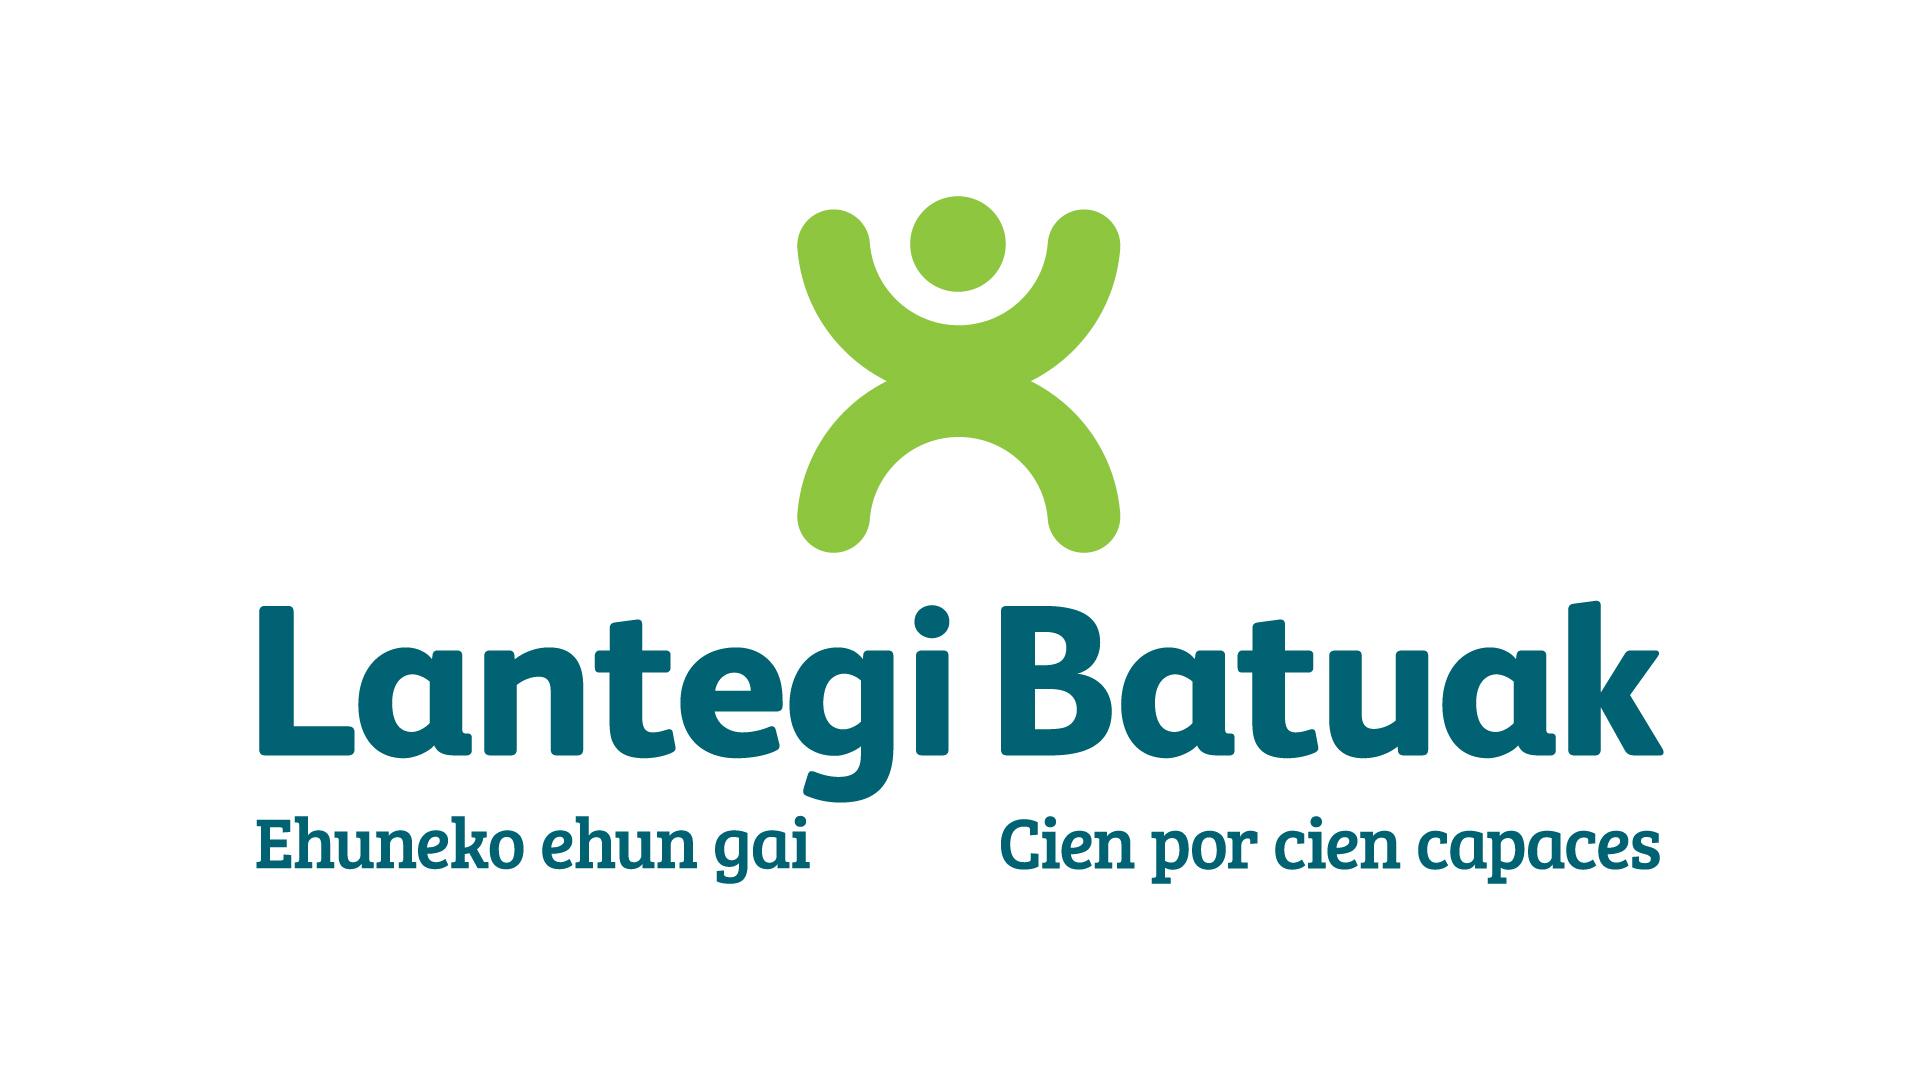 Logotipo de Lantegi Batuak. Formato Imagen